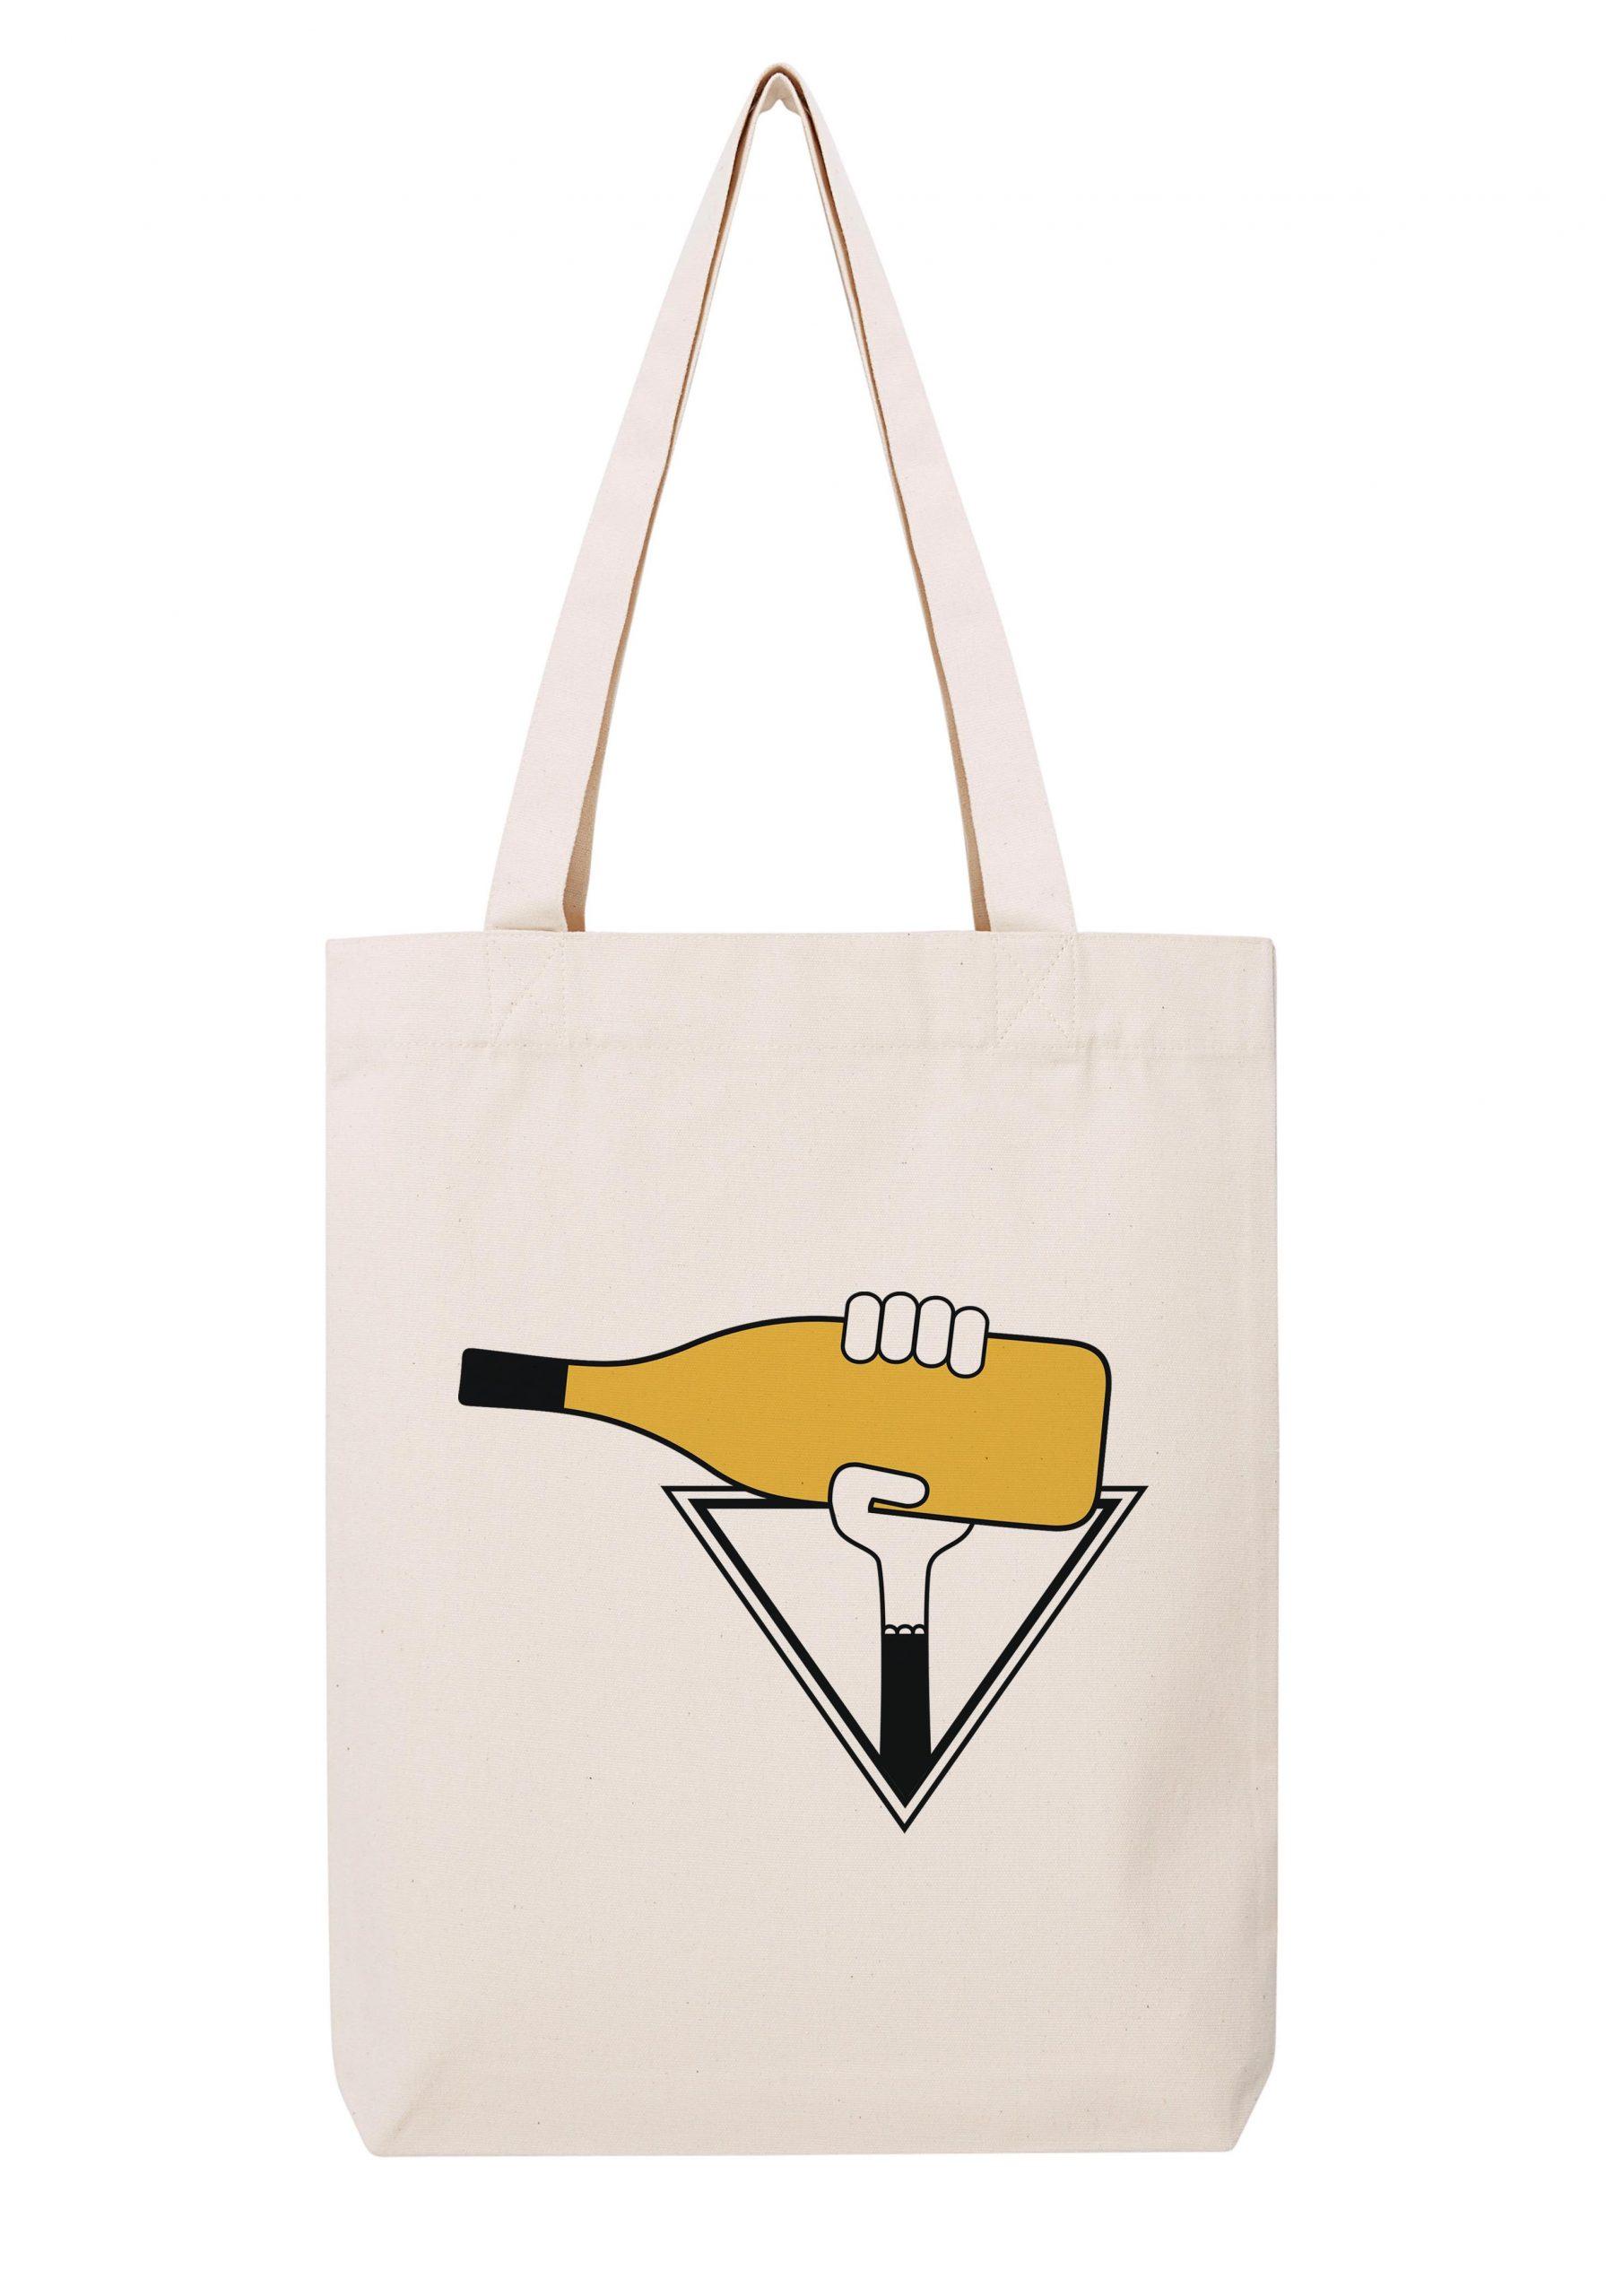 cote du rhone viognier femme sac coton tote bag bio bocavi du vin dans ta penderie bouteilles viticole vigneron wine